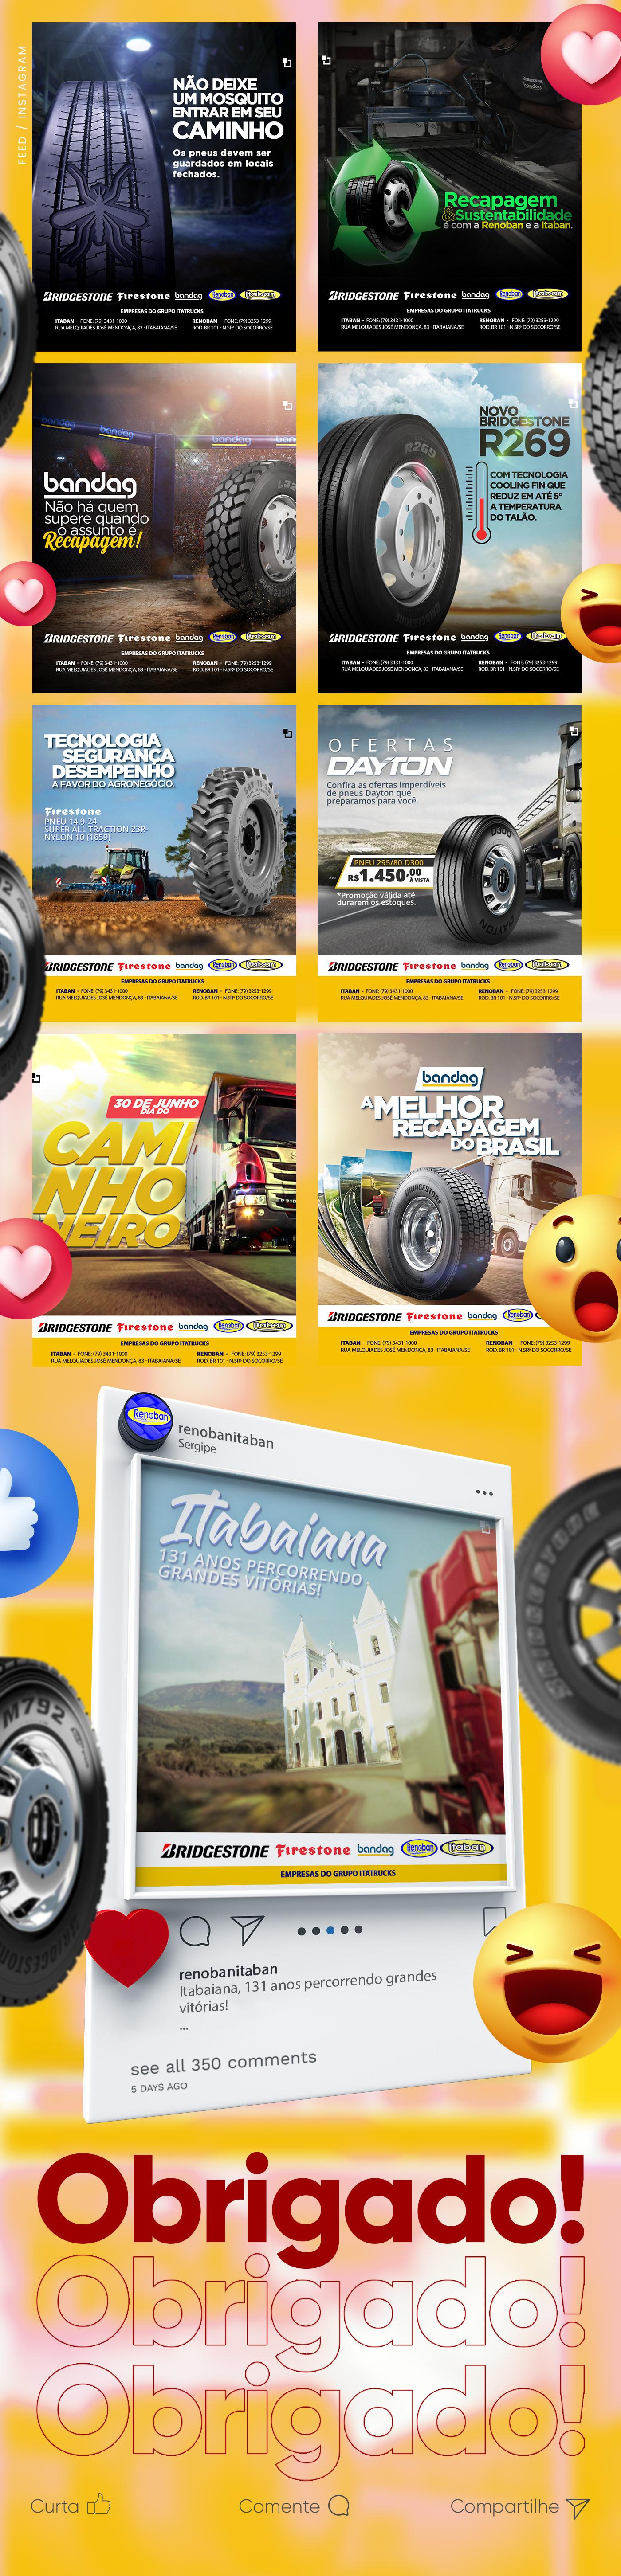 Caminhão facebook instagram marketing digital oficina photoshop Pneu rede social sergipe social media